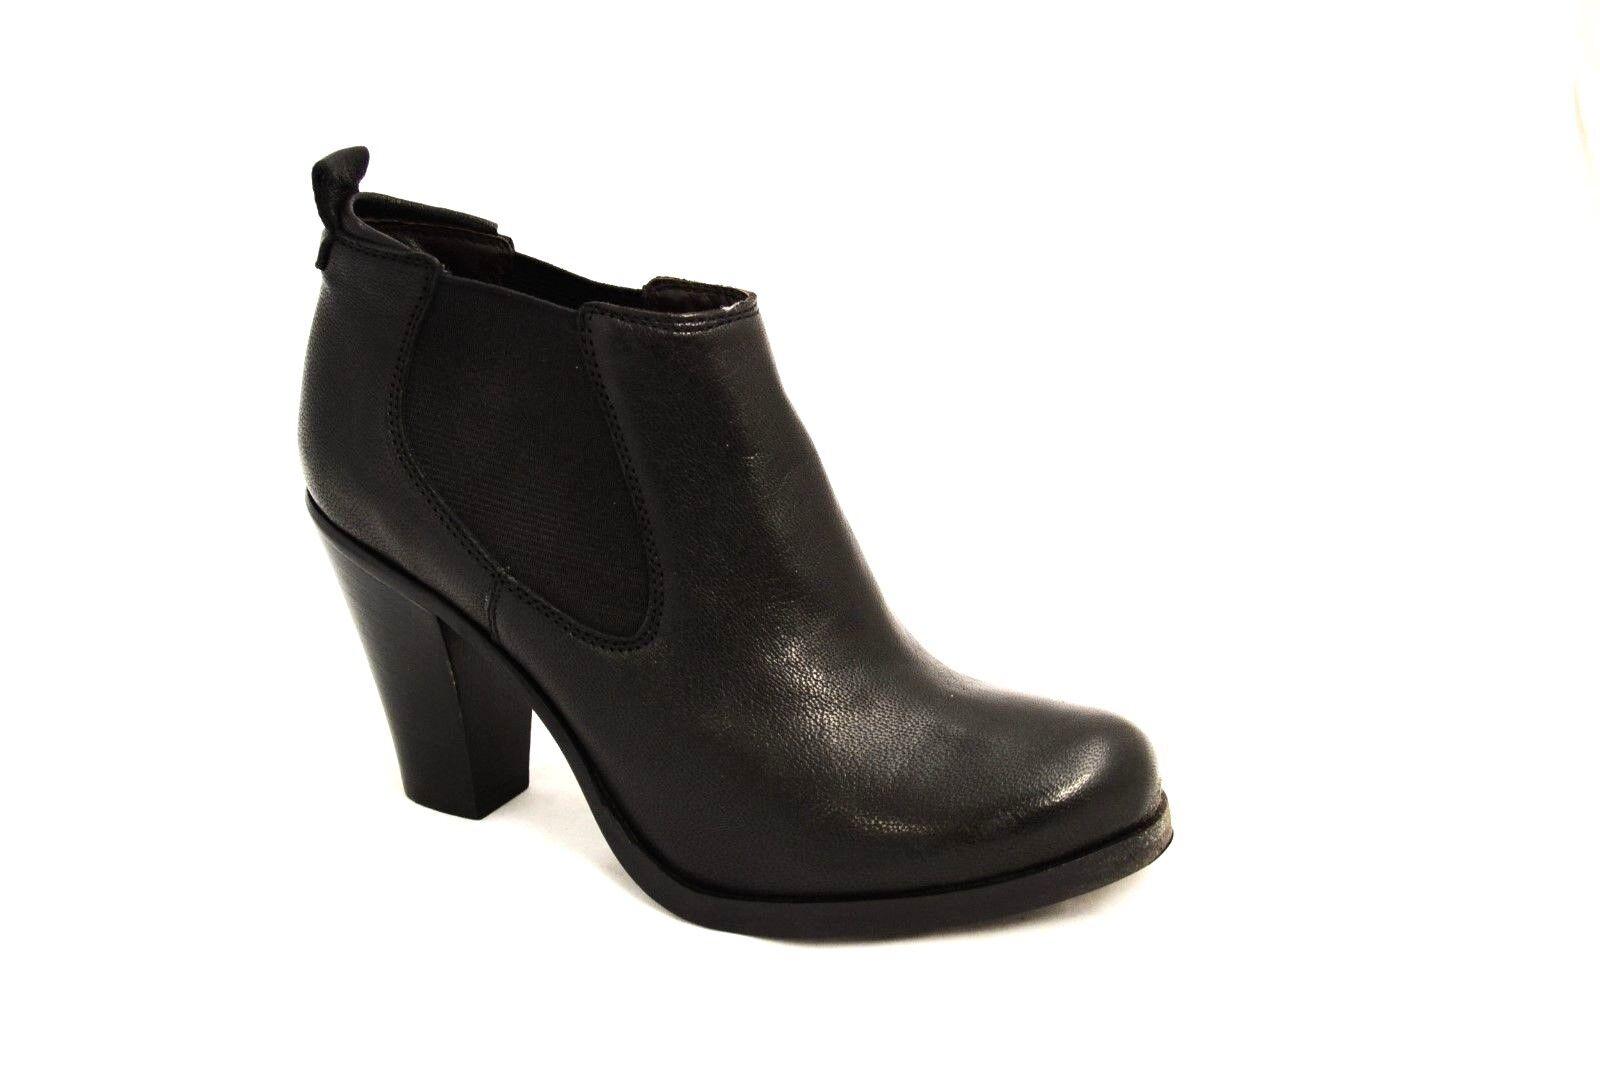 Zapatos especiales con descuento SCARPE STIVALETTI DONNA 37 VERA PELLE MADE IN ITALY ARTIGIANALI CON ELASTICO